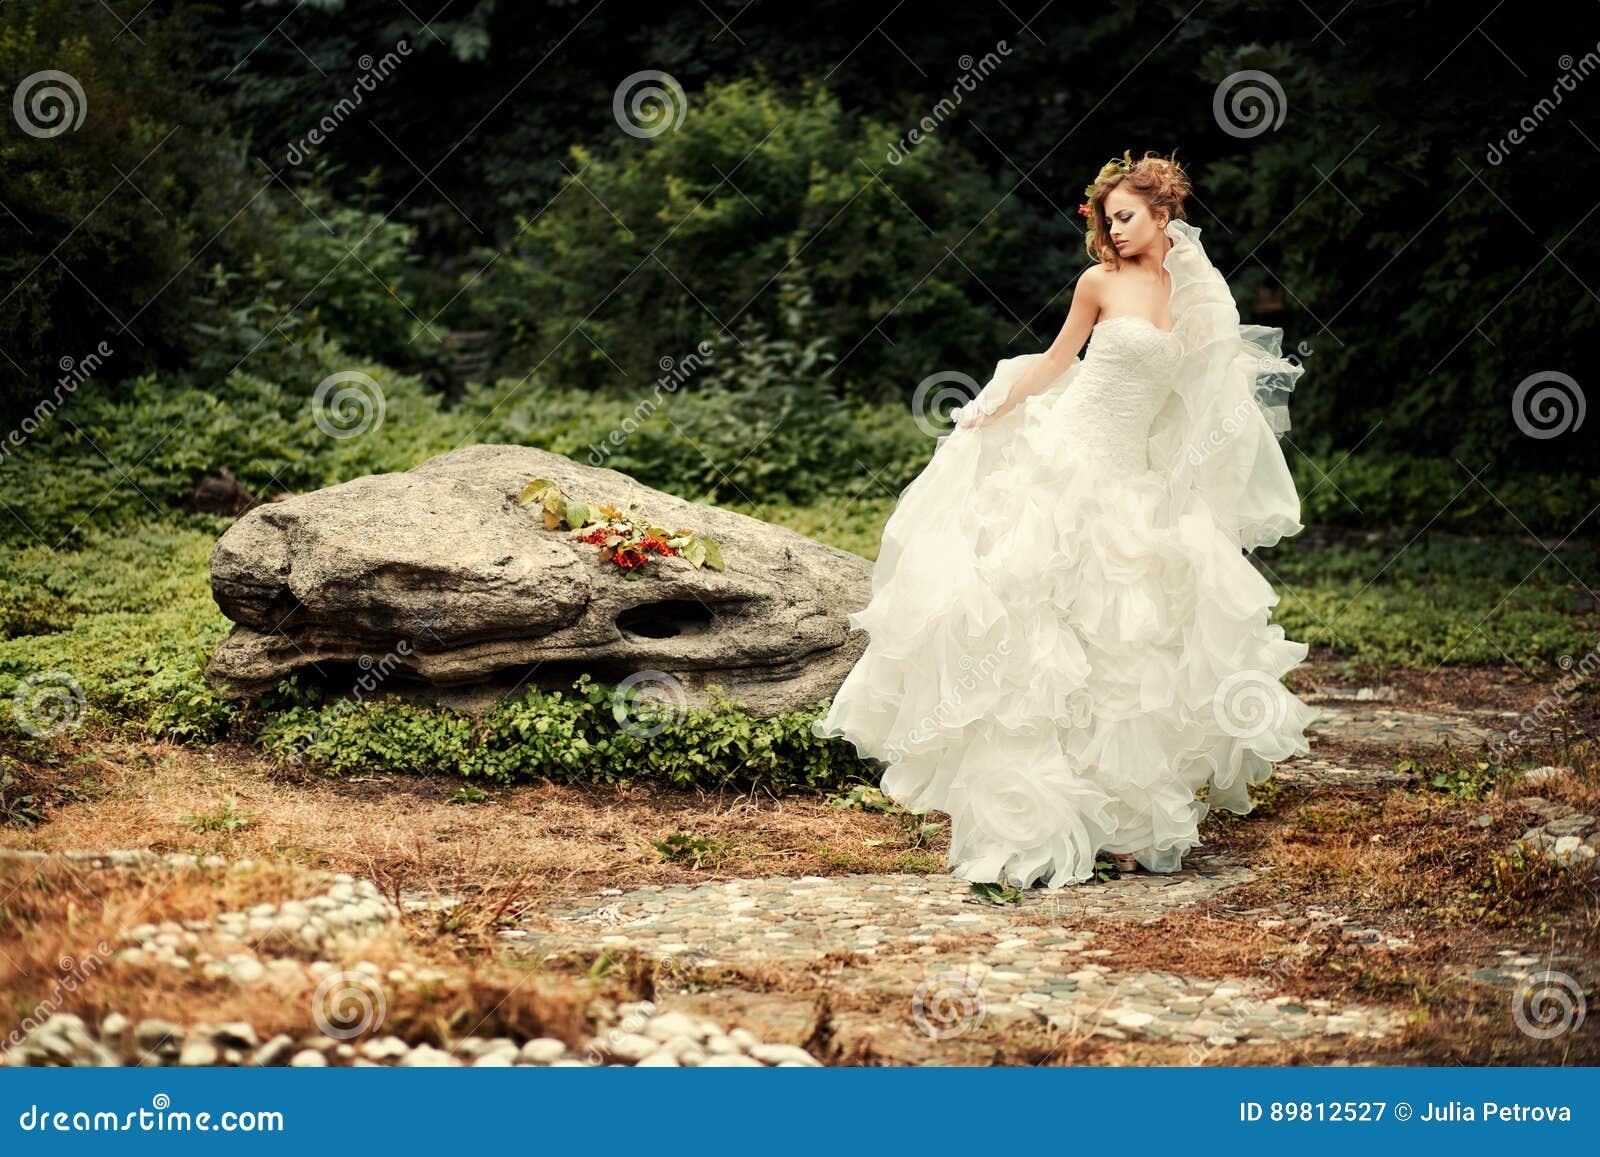 A noiva lindo em um vestido branco luxúria está dançando